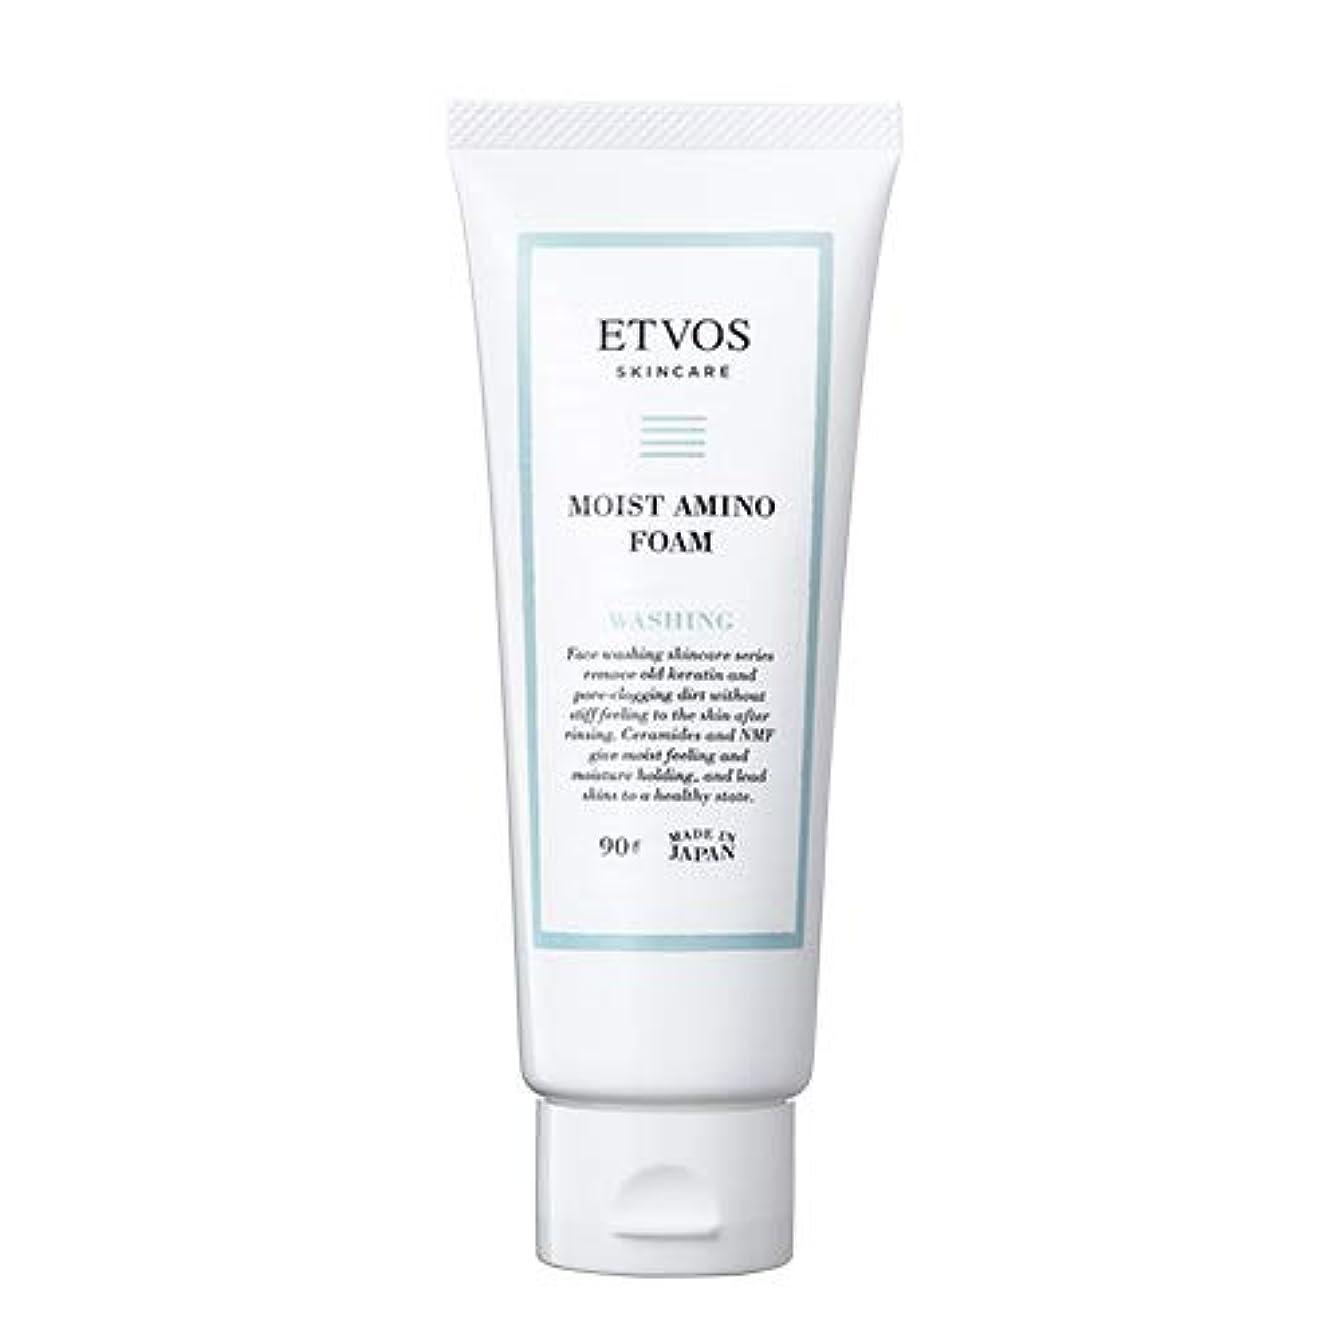 衣服位置する女の子ETVOS(エトヴォス) 洗顔フォーム モイストアミノフォーム 90g ヒト型セラミド アミノ酸系 乾燥肌/敏感肌